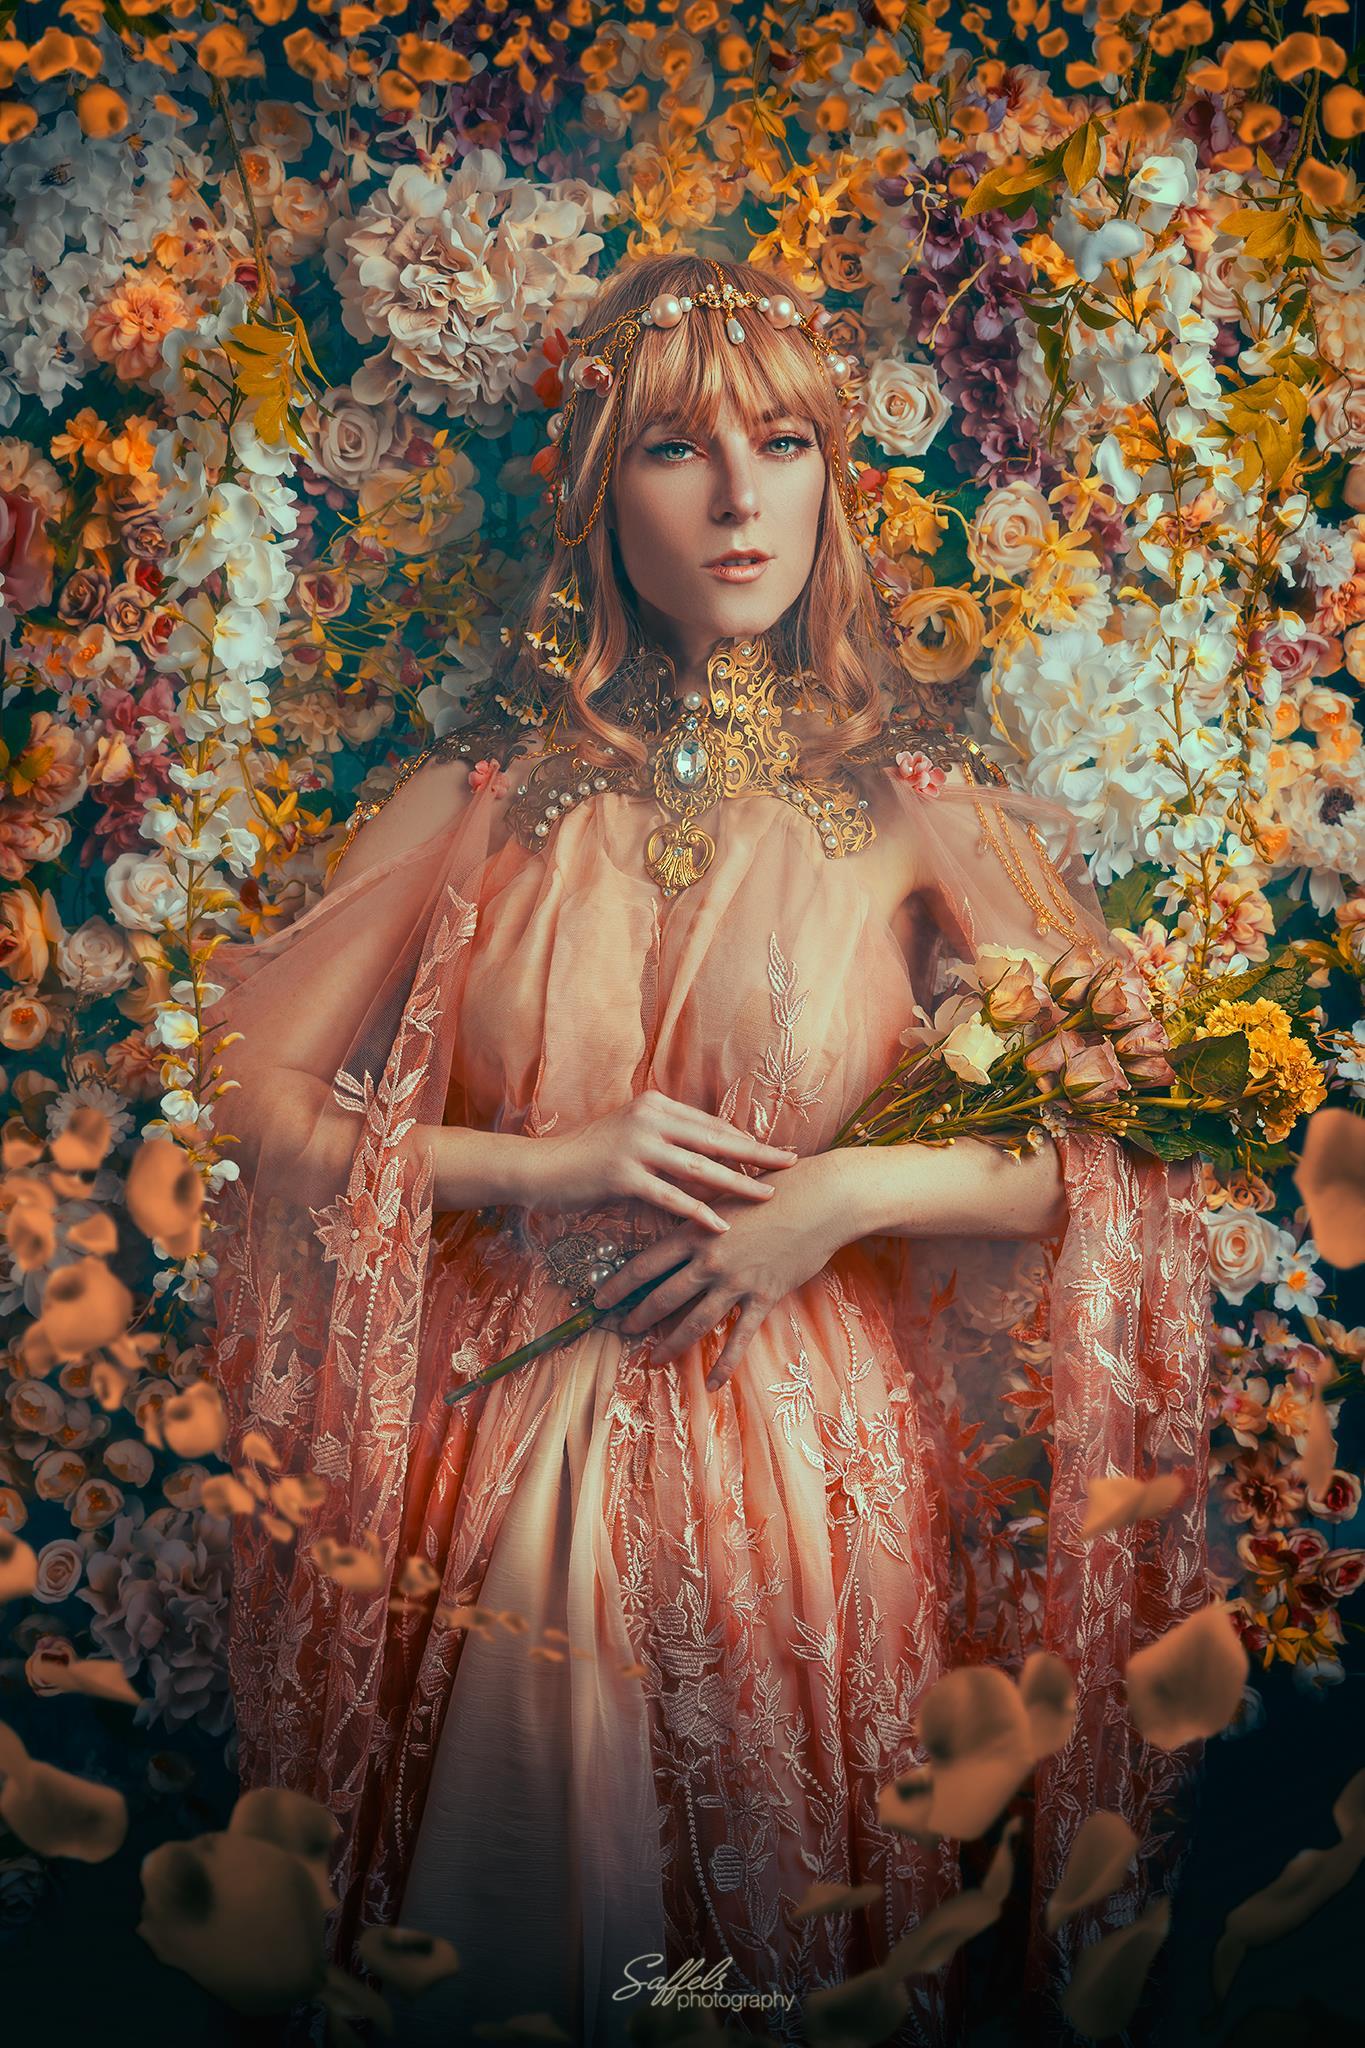 Фото Девушка в образе Ostara- богини весны с украшением на голове стоит в окружении цветов, by Firefly-Path